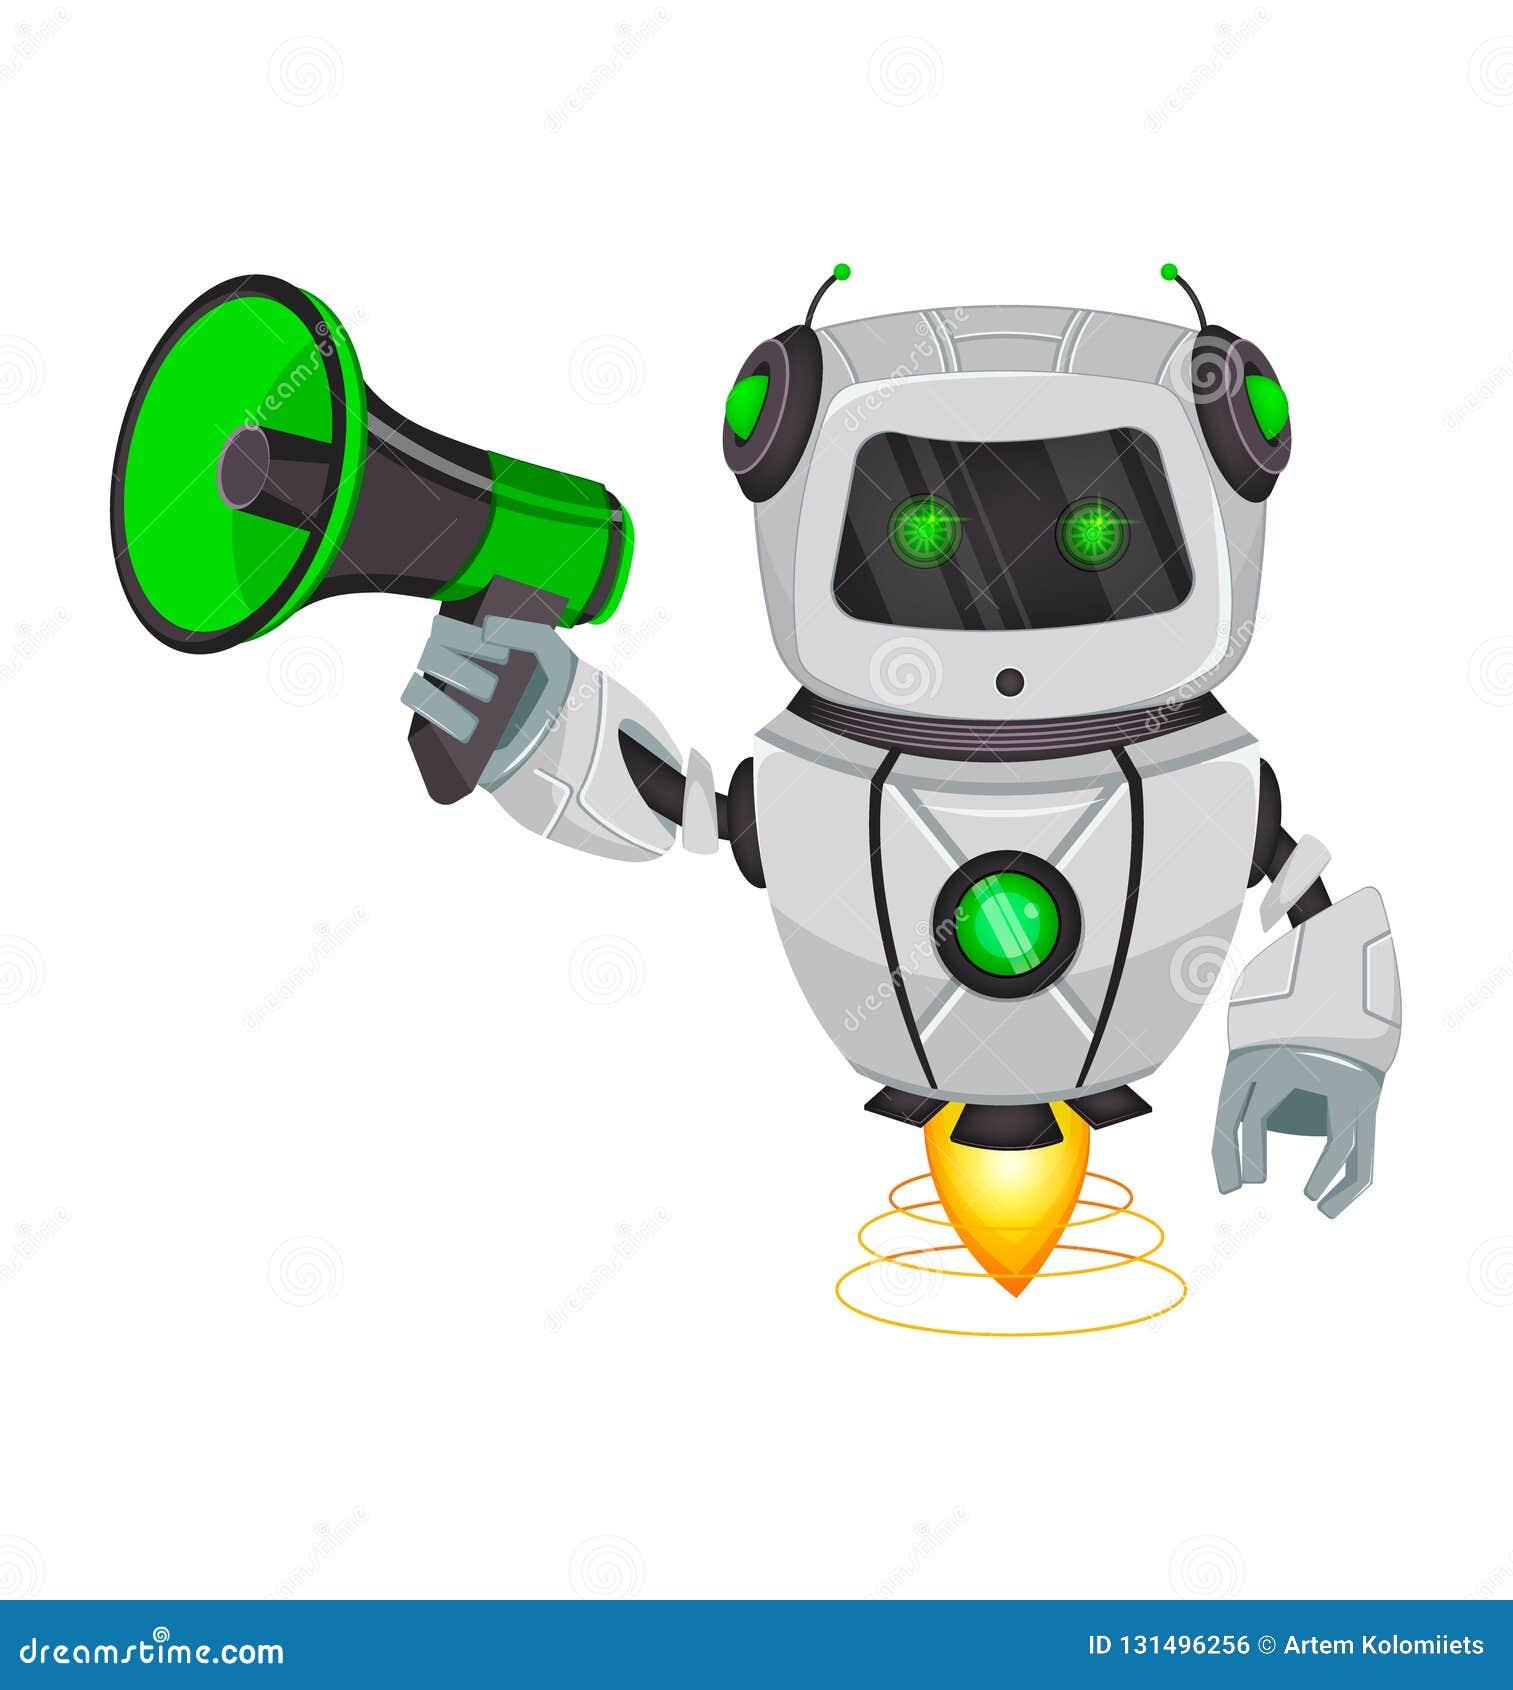 Ρομπότ με την τεχνητή νοημοσύνη, BOT Ο αστείος χαρακτήρας κινουμένων σχεδίων κρατά το μεγάφωνο Κυβερνητικός οργανισμός Humanoid Μ